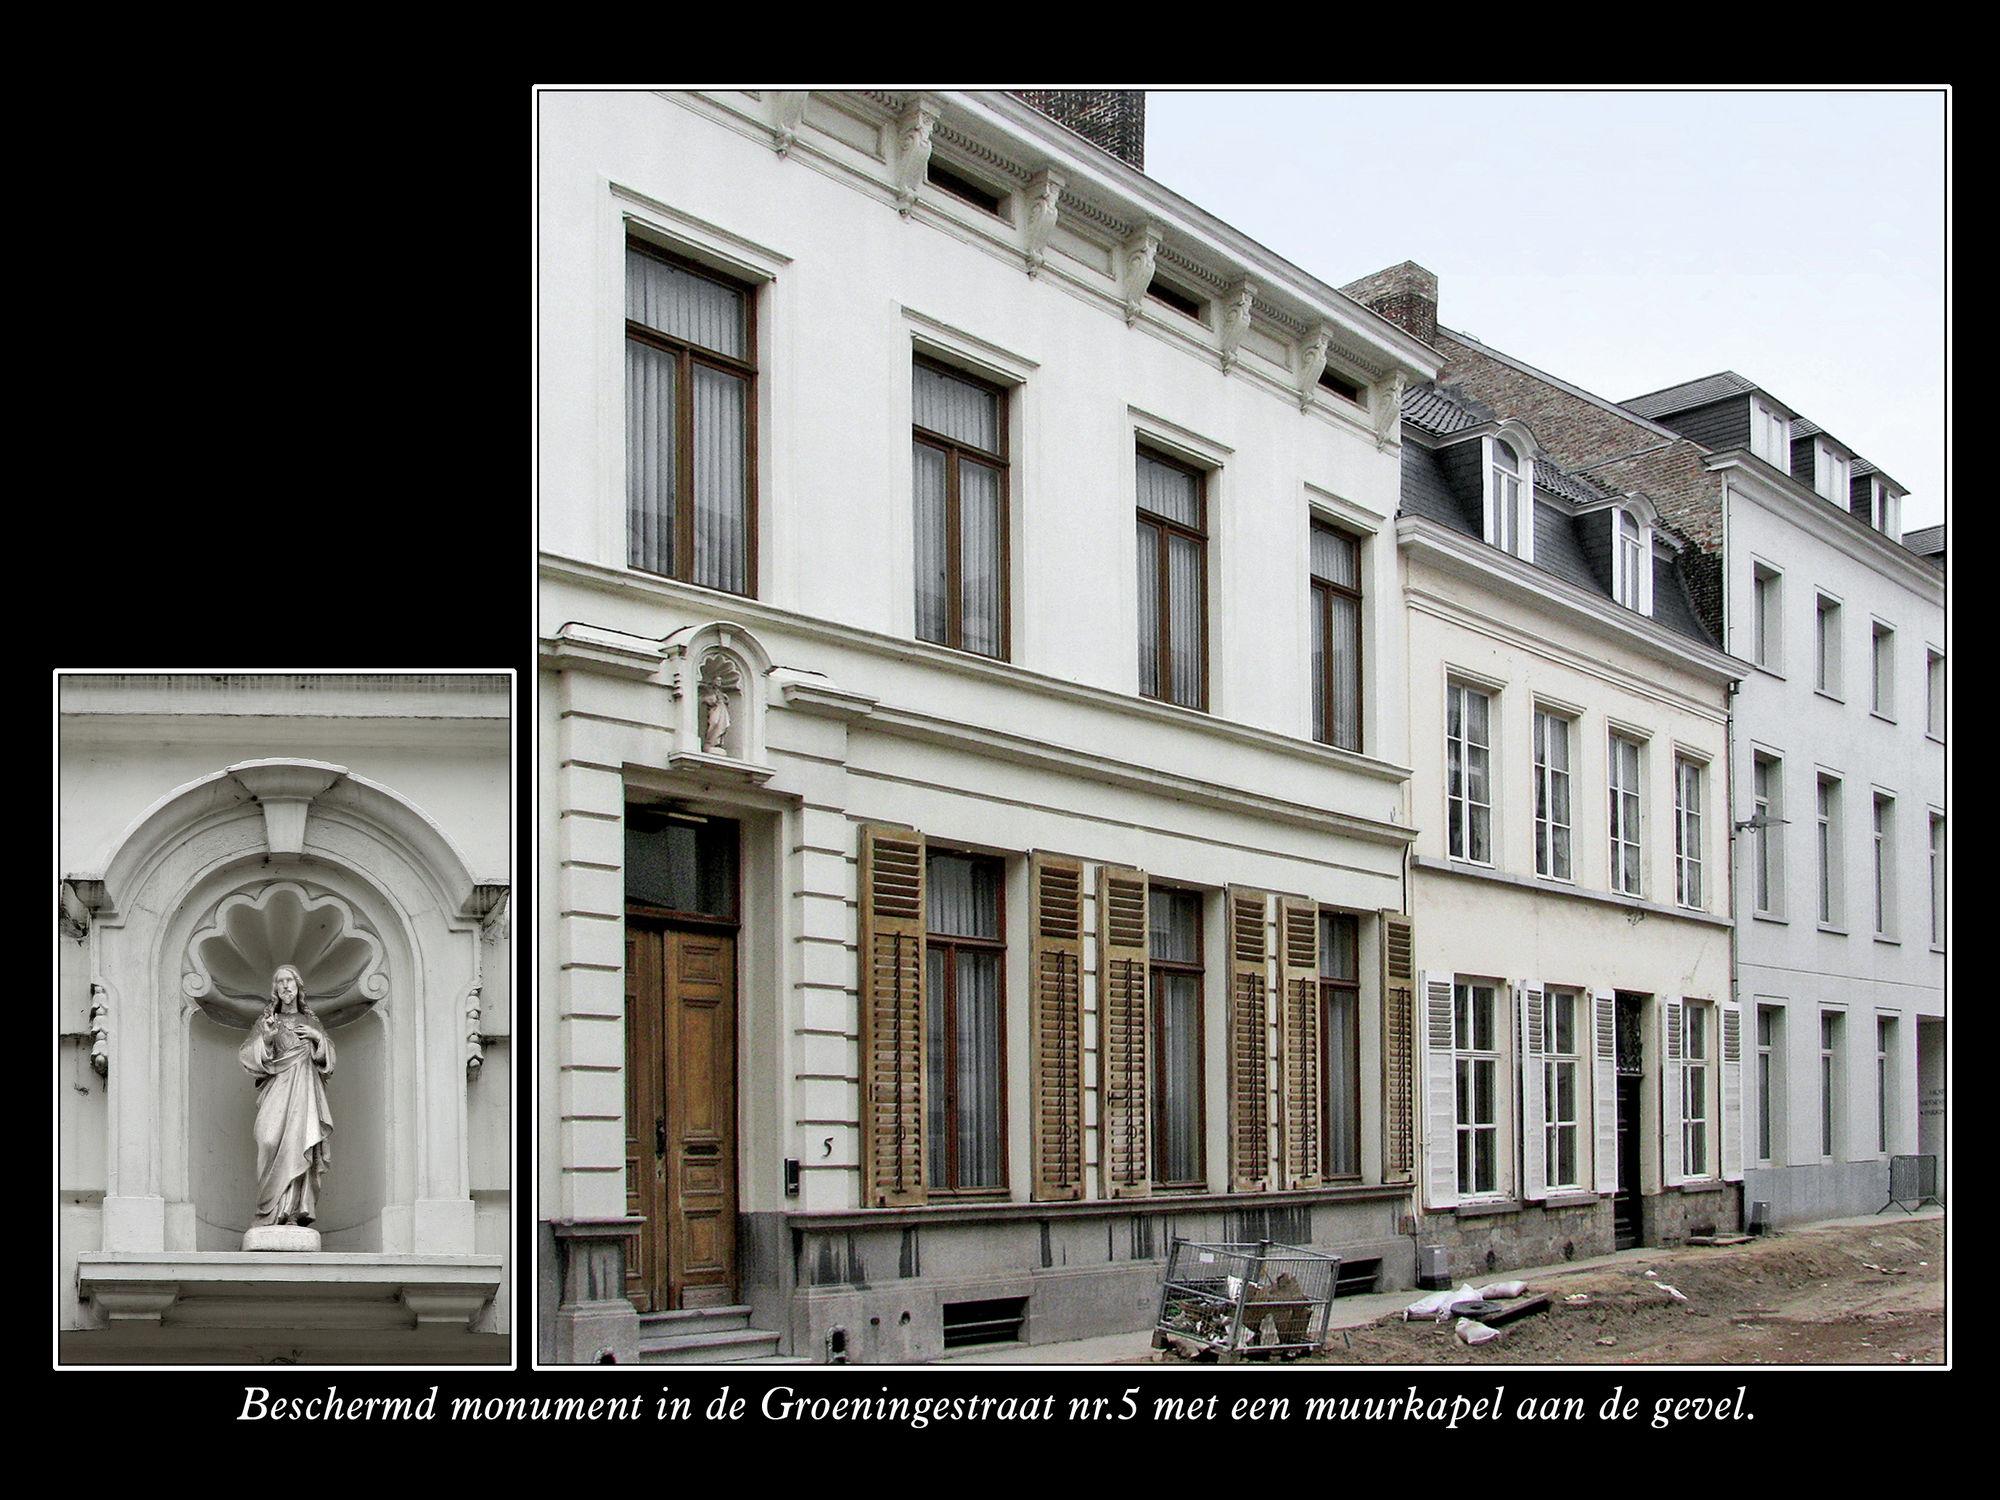 Groeningestraat